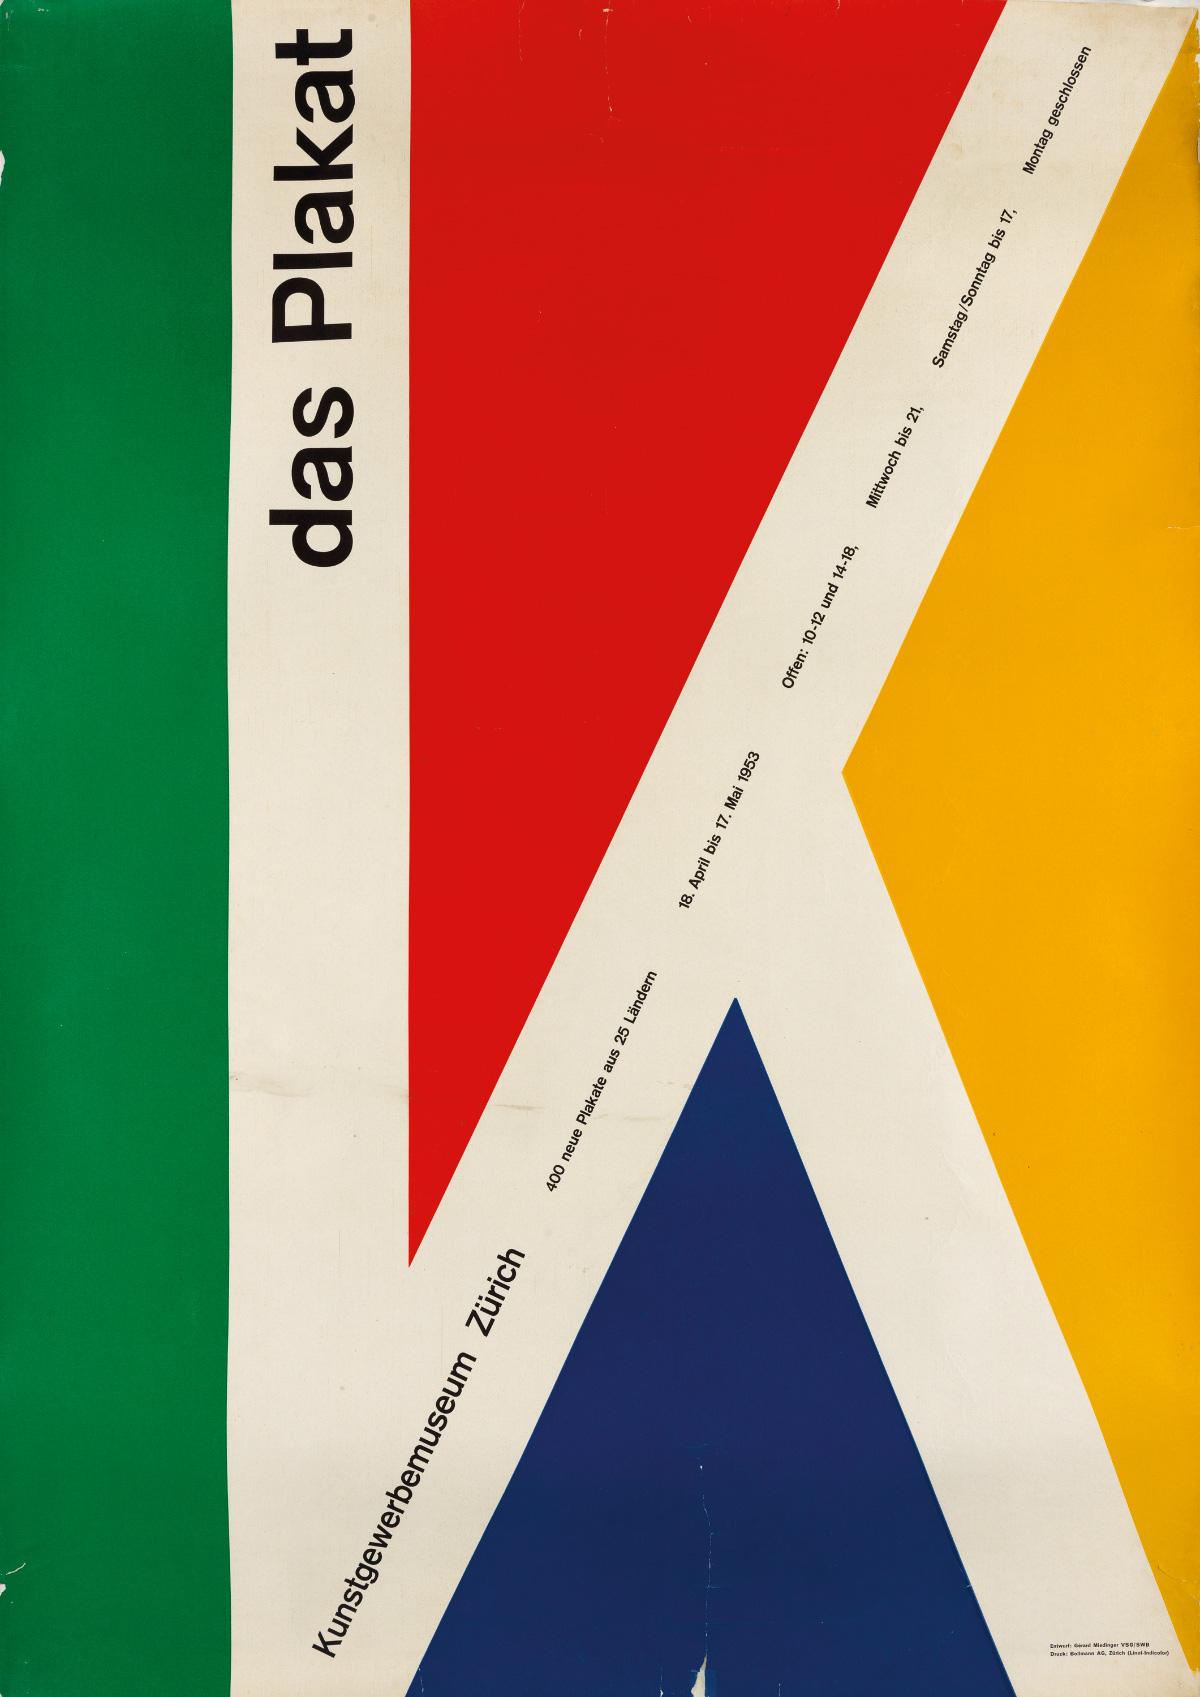 GÉRARD MIEDINGER (1912-1995). DAS PLAKAT / KUNSTGEWERBEMUSEUM ZÜRICH. 1953. 50x35 inches, 127x90 cm. Bollmann AG, Zurich.